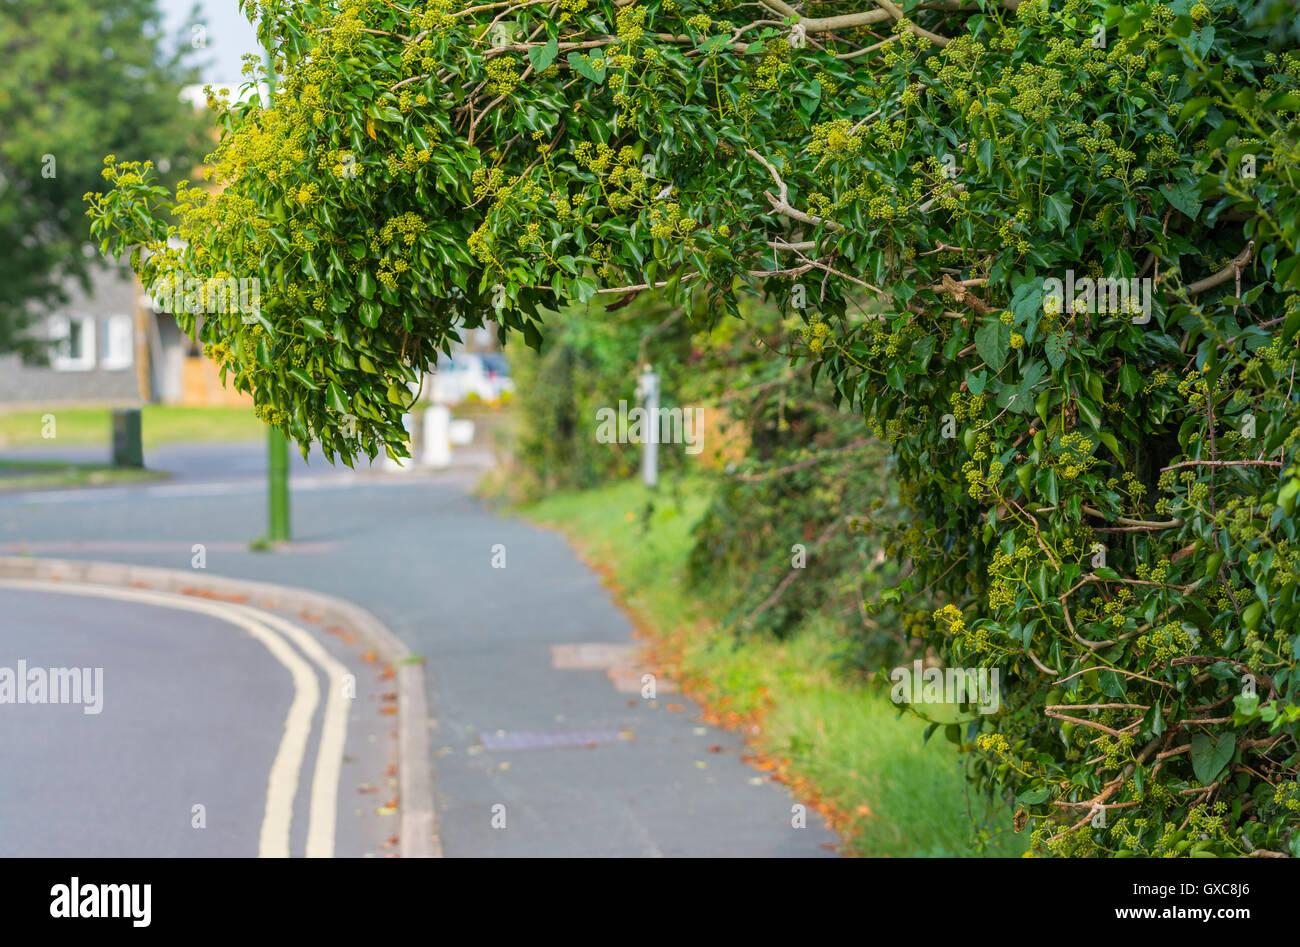 Les buissons surplombant la chaussée. Photo Stock